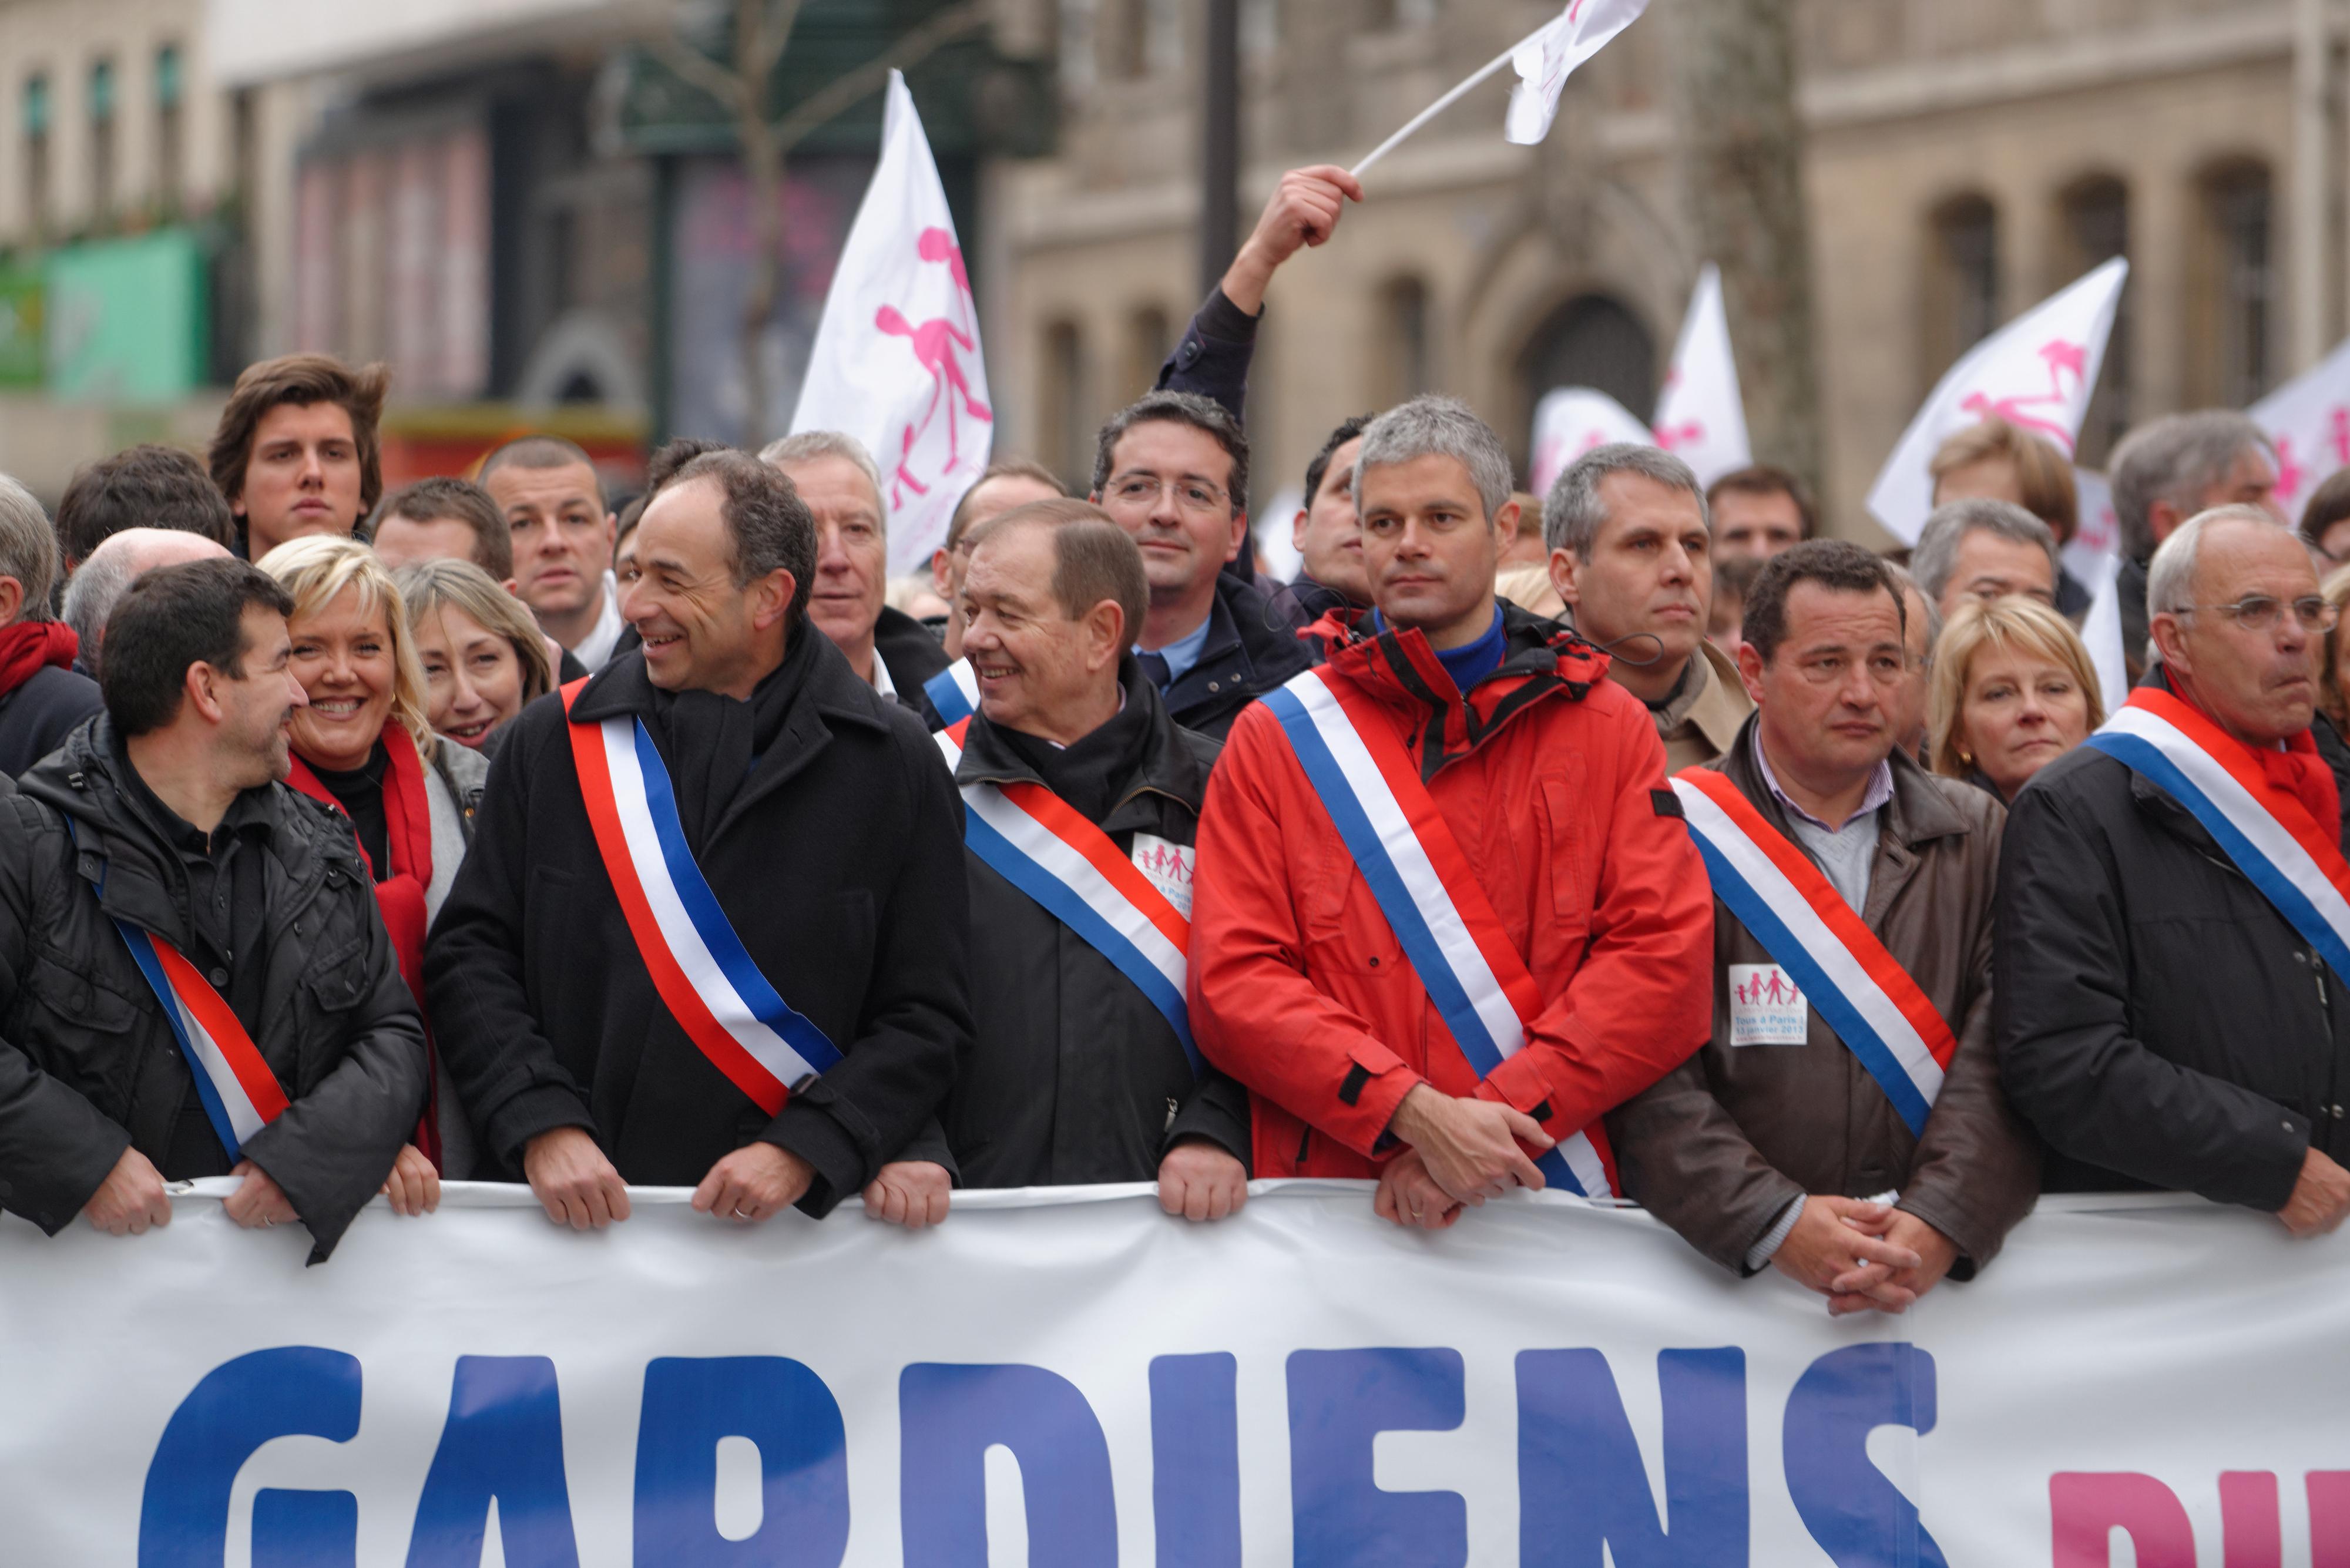 Manifestazione contro il matrimonio egalitario in Francia, 2013.